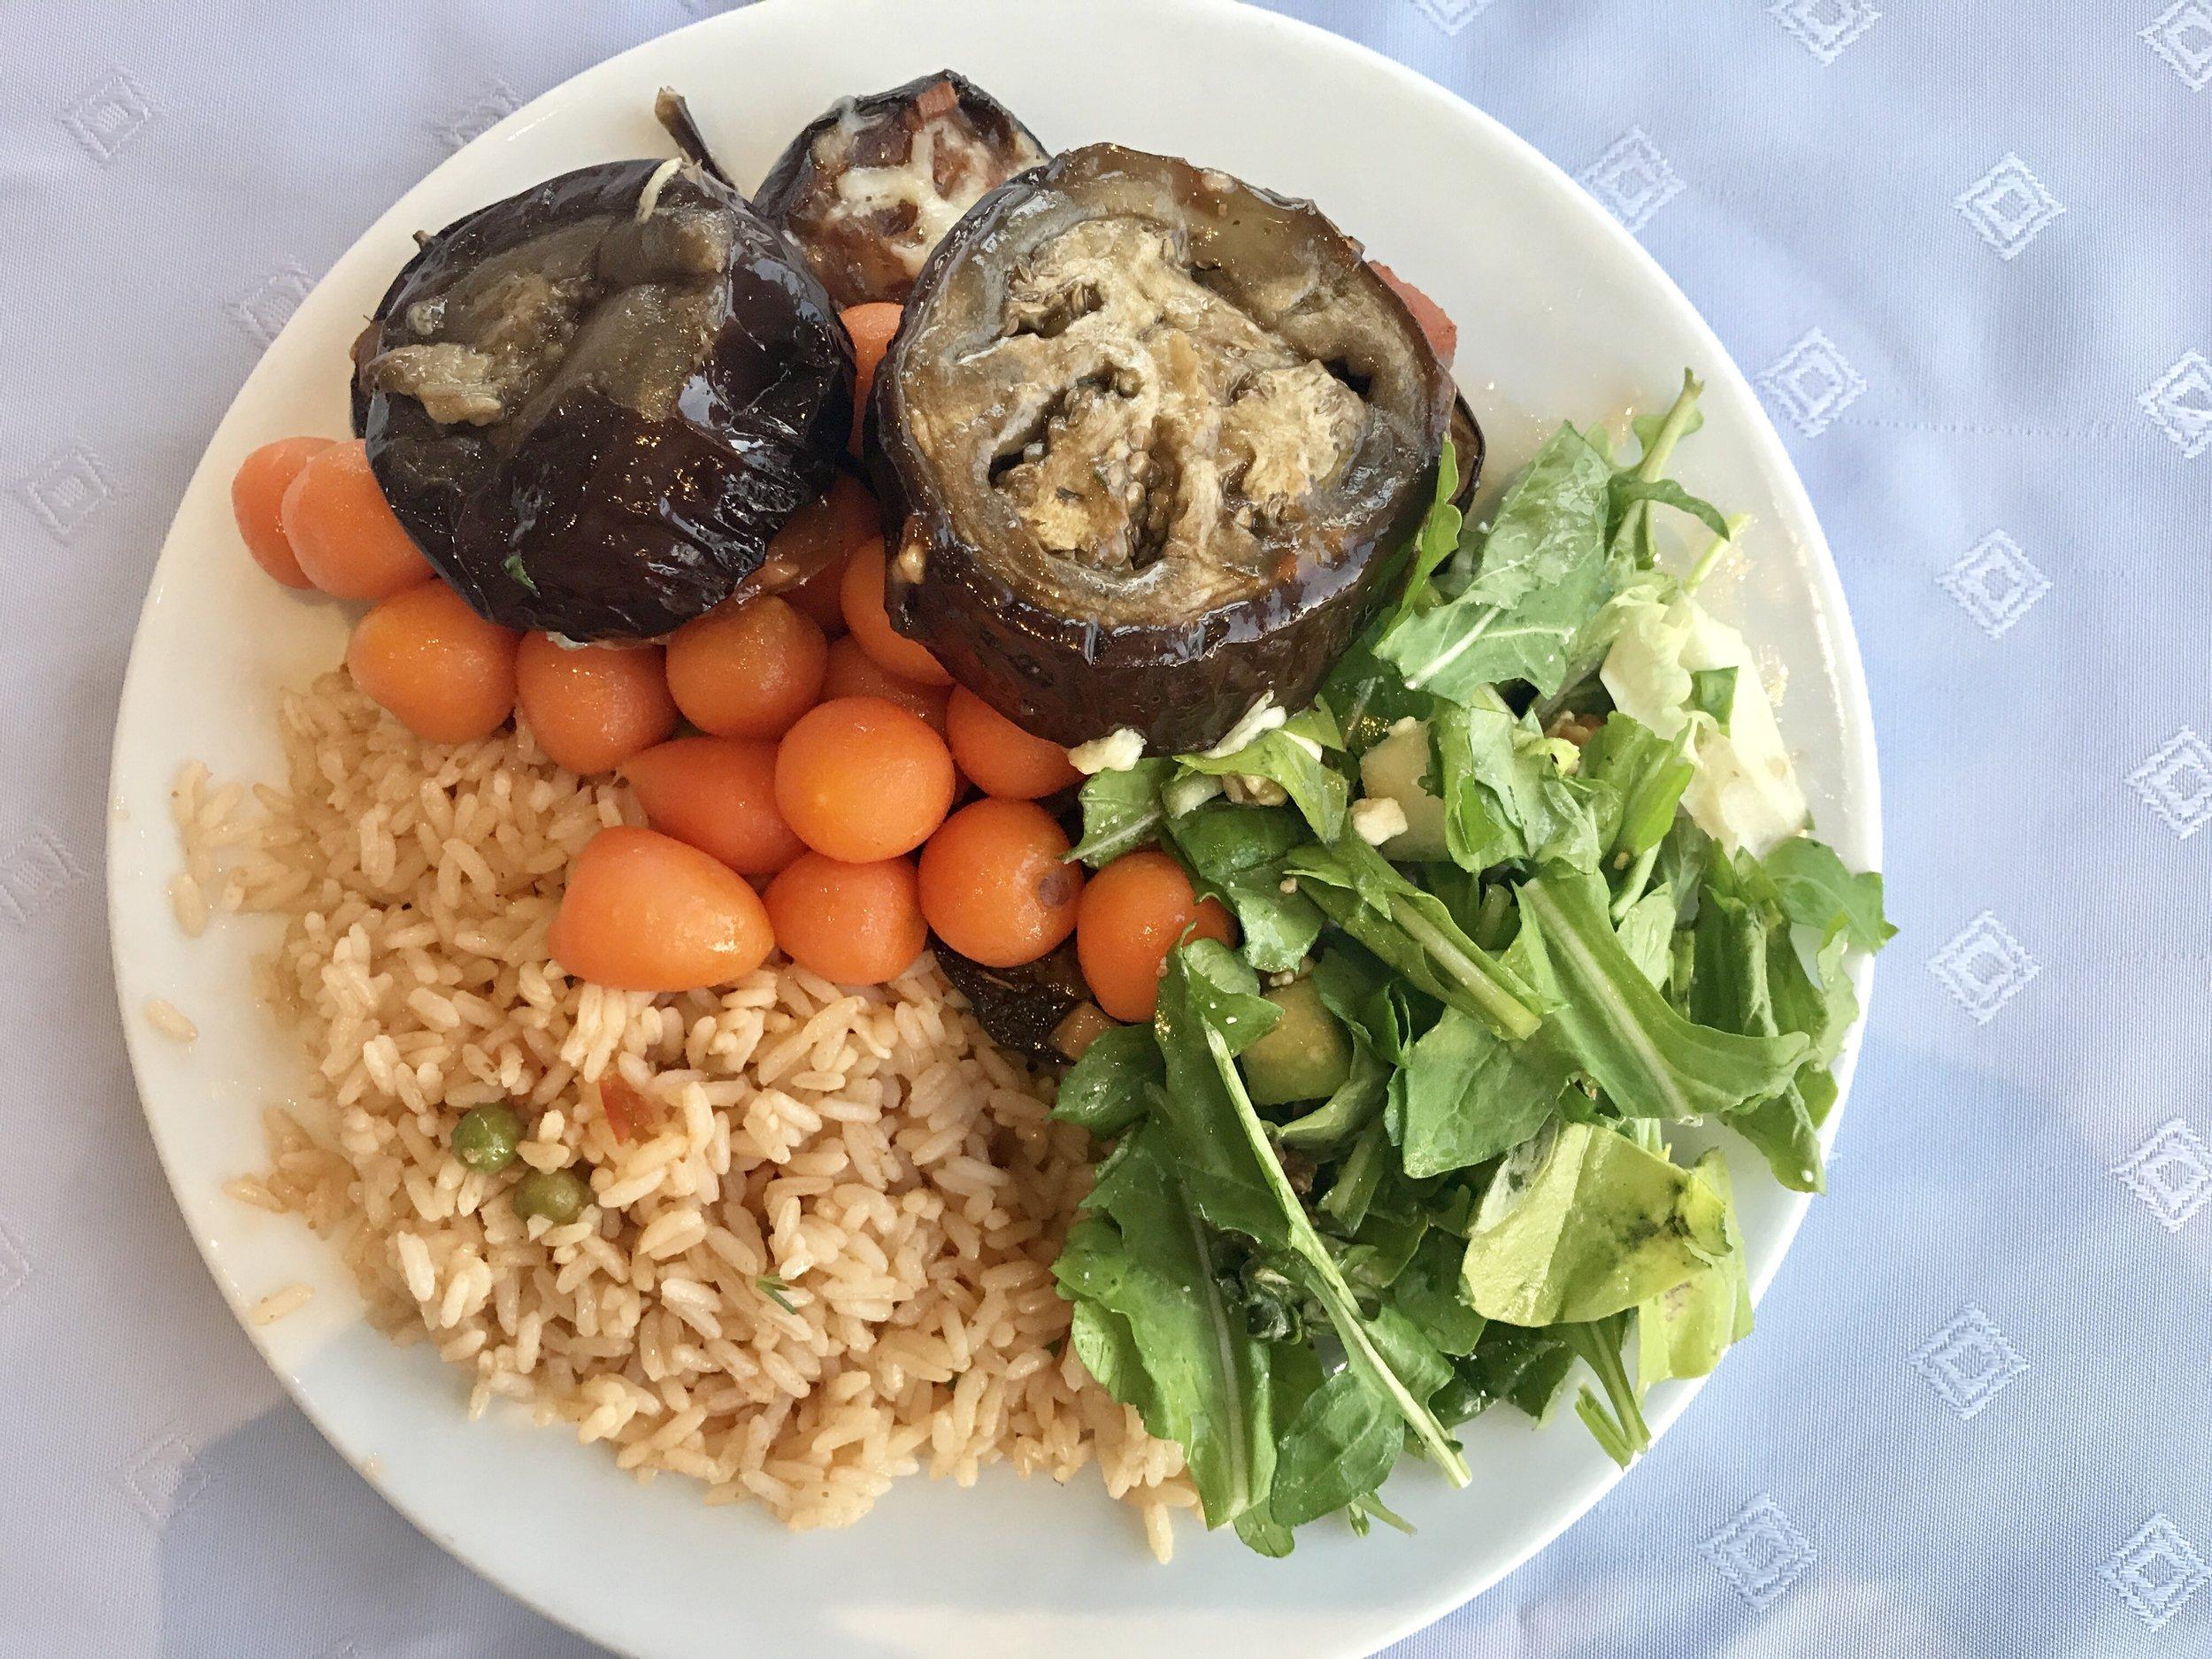 Perään kypsennettyjä kasviksia ja riisiä. Söin myös usein perunaa josta ei nyt löytynyt kuvaa kuitenkaan.